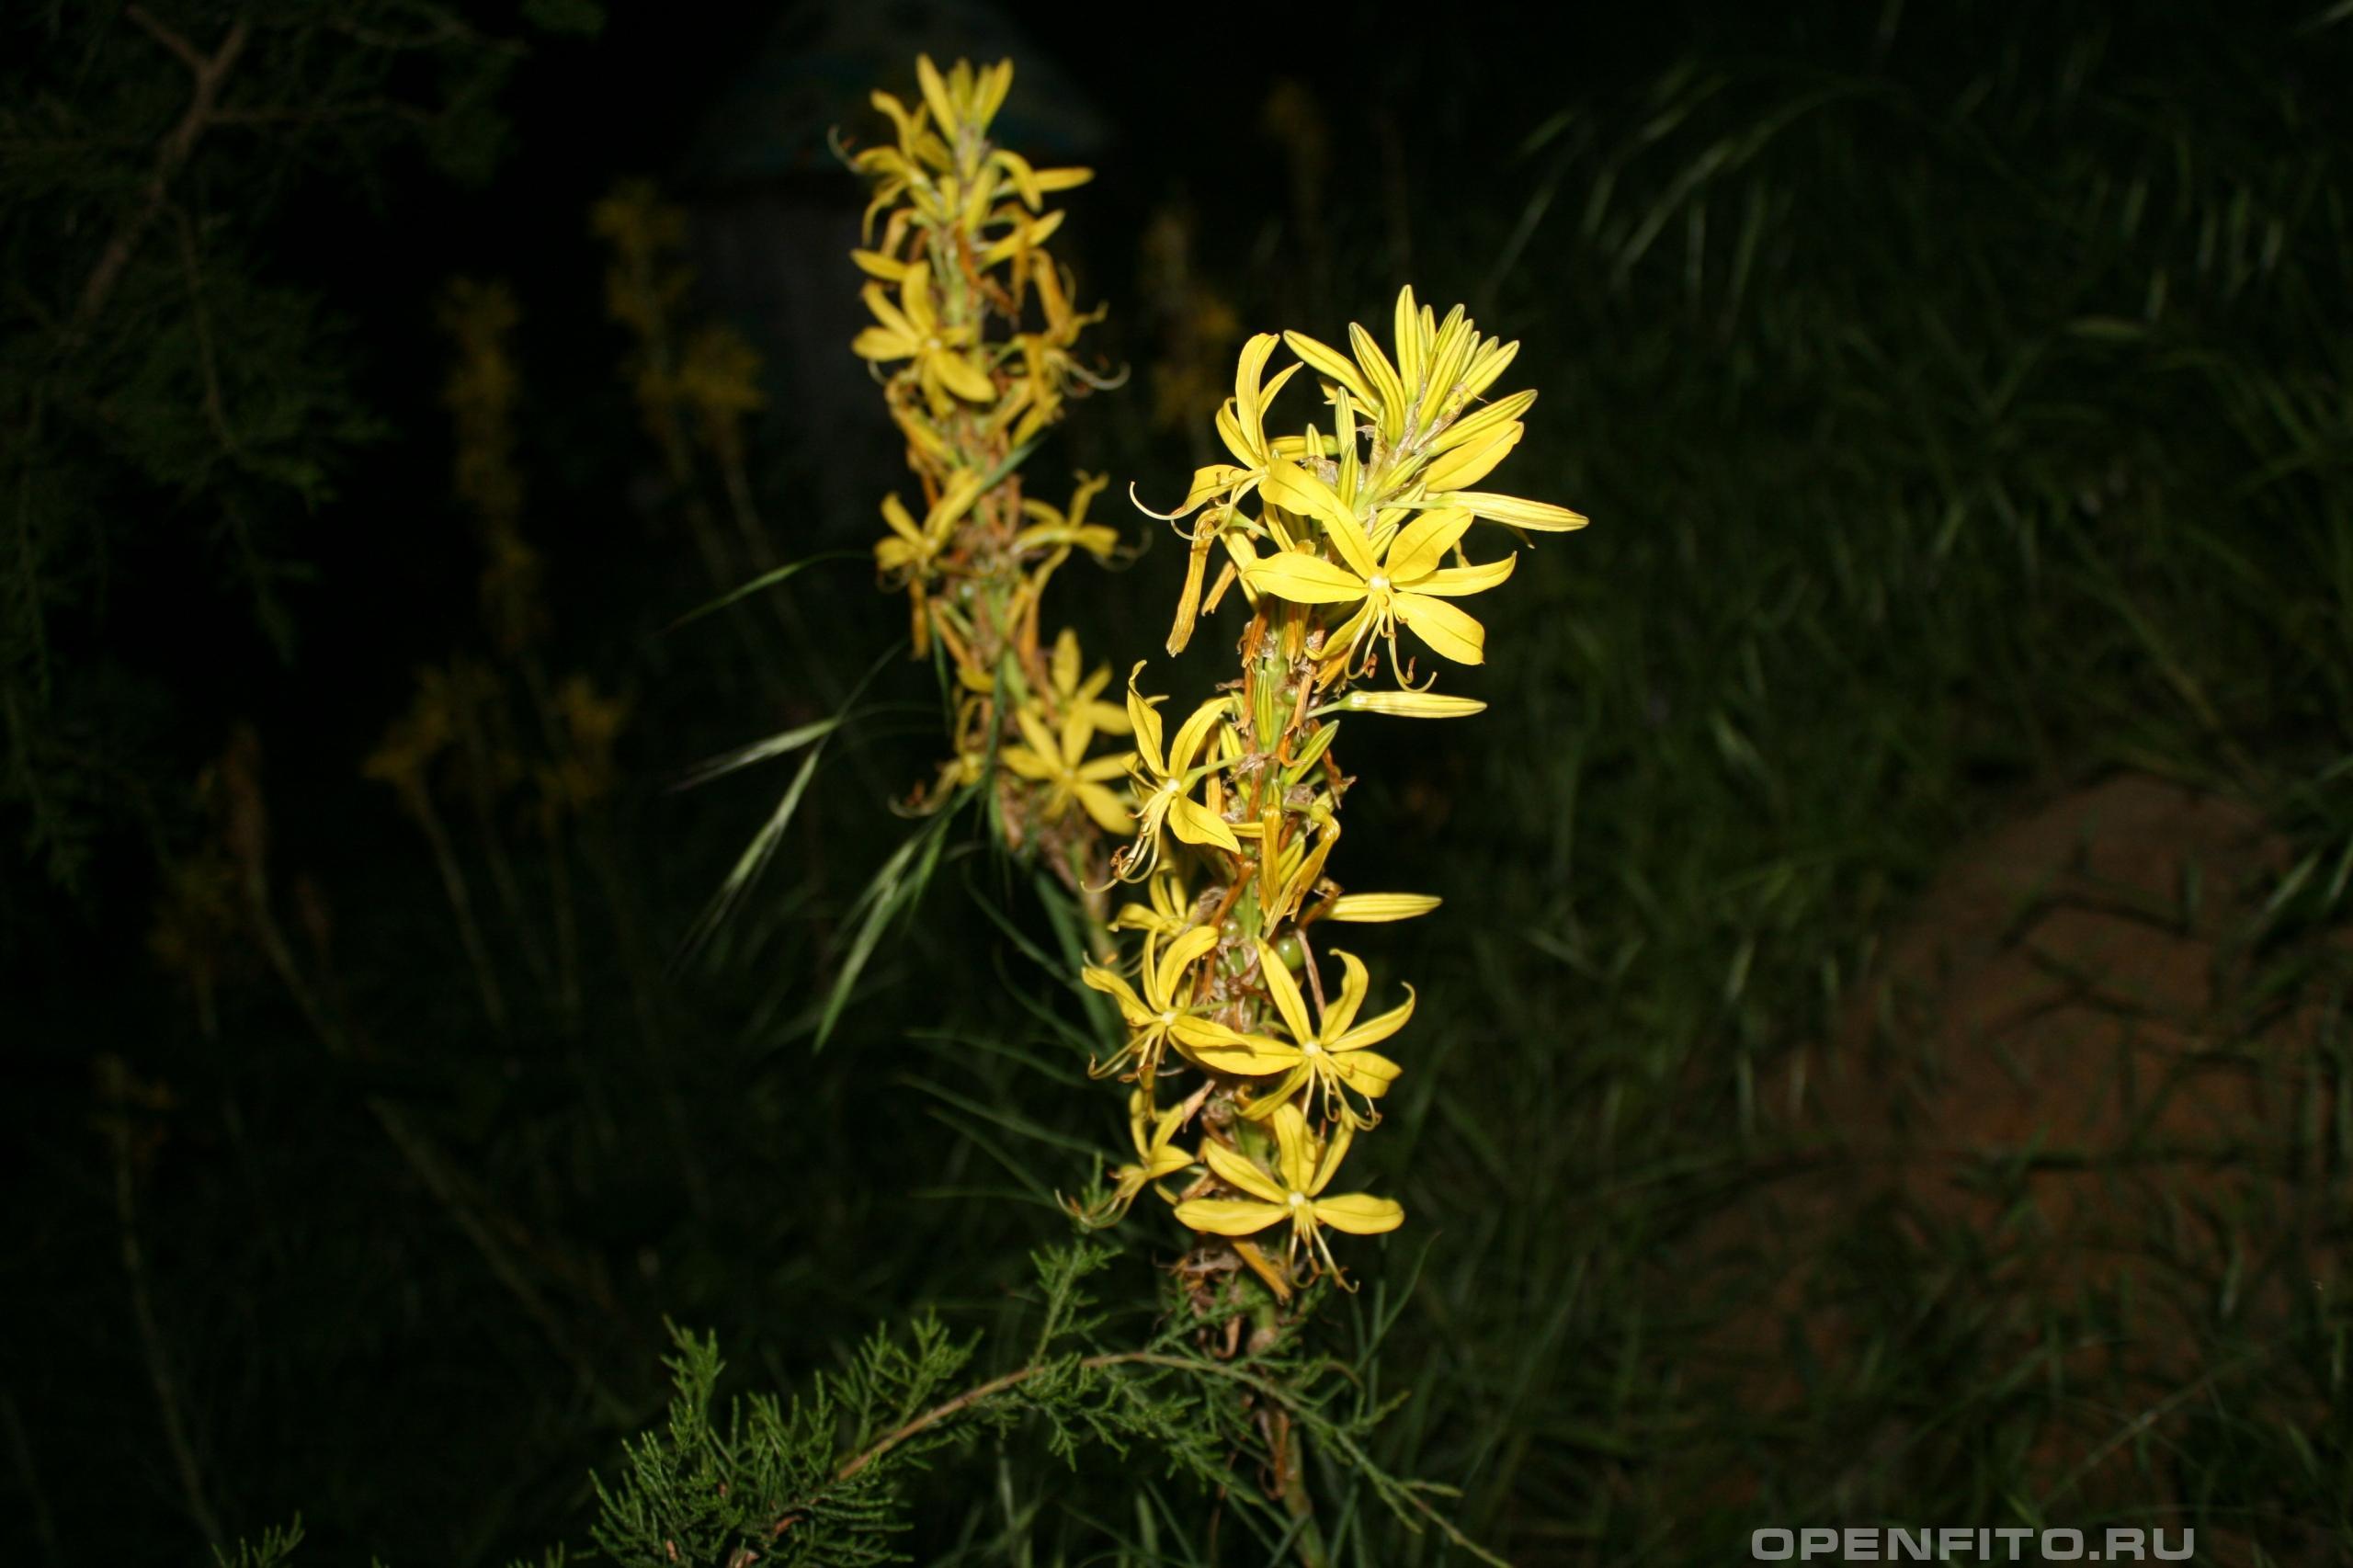 Асфоделина жёлтая соцветие